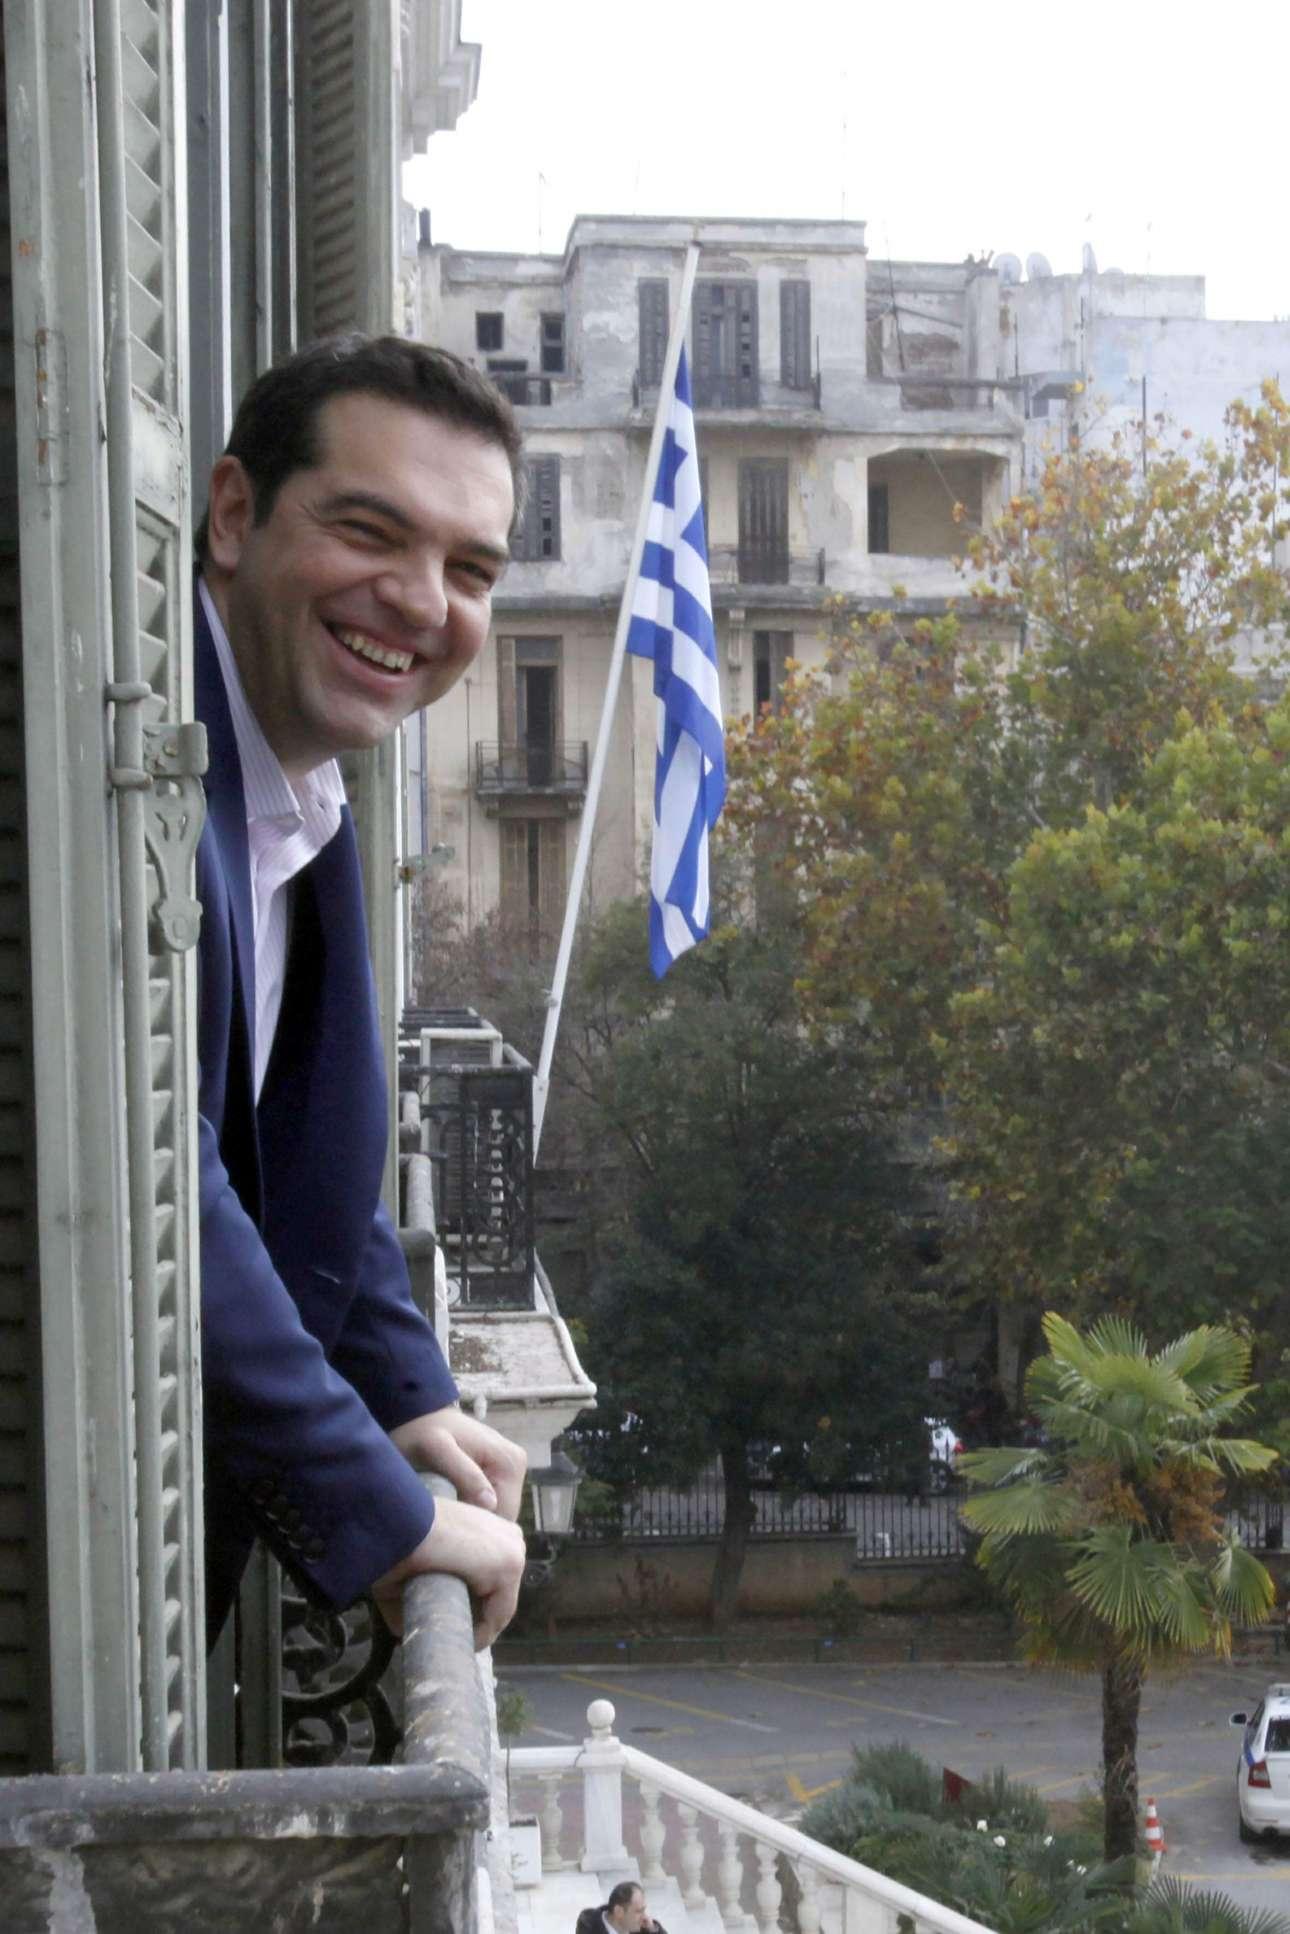 Ωραία και η θέα από τον πρώτο όροφο του Διοικητηρίου της Θεσσαλονίκης, εκεί όπου στεγάζεται το υπουργείο Μακεδονίας-Θράκης και φυσικά το Γραφείο του Πρωθυπουργού